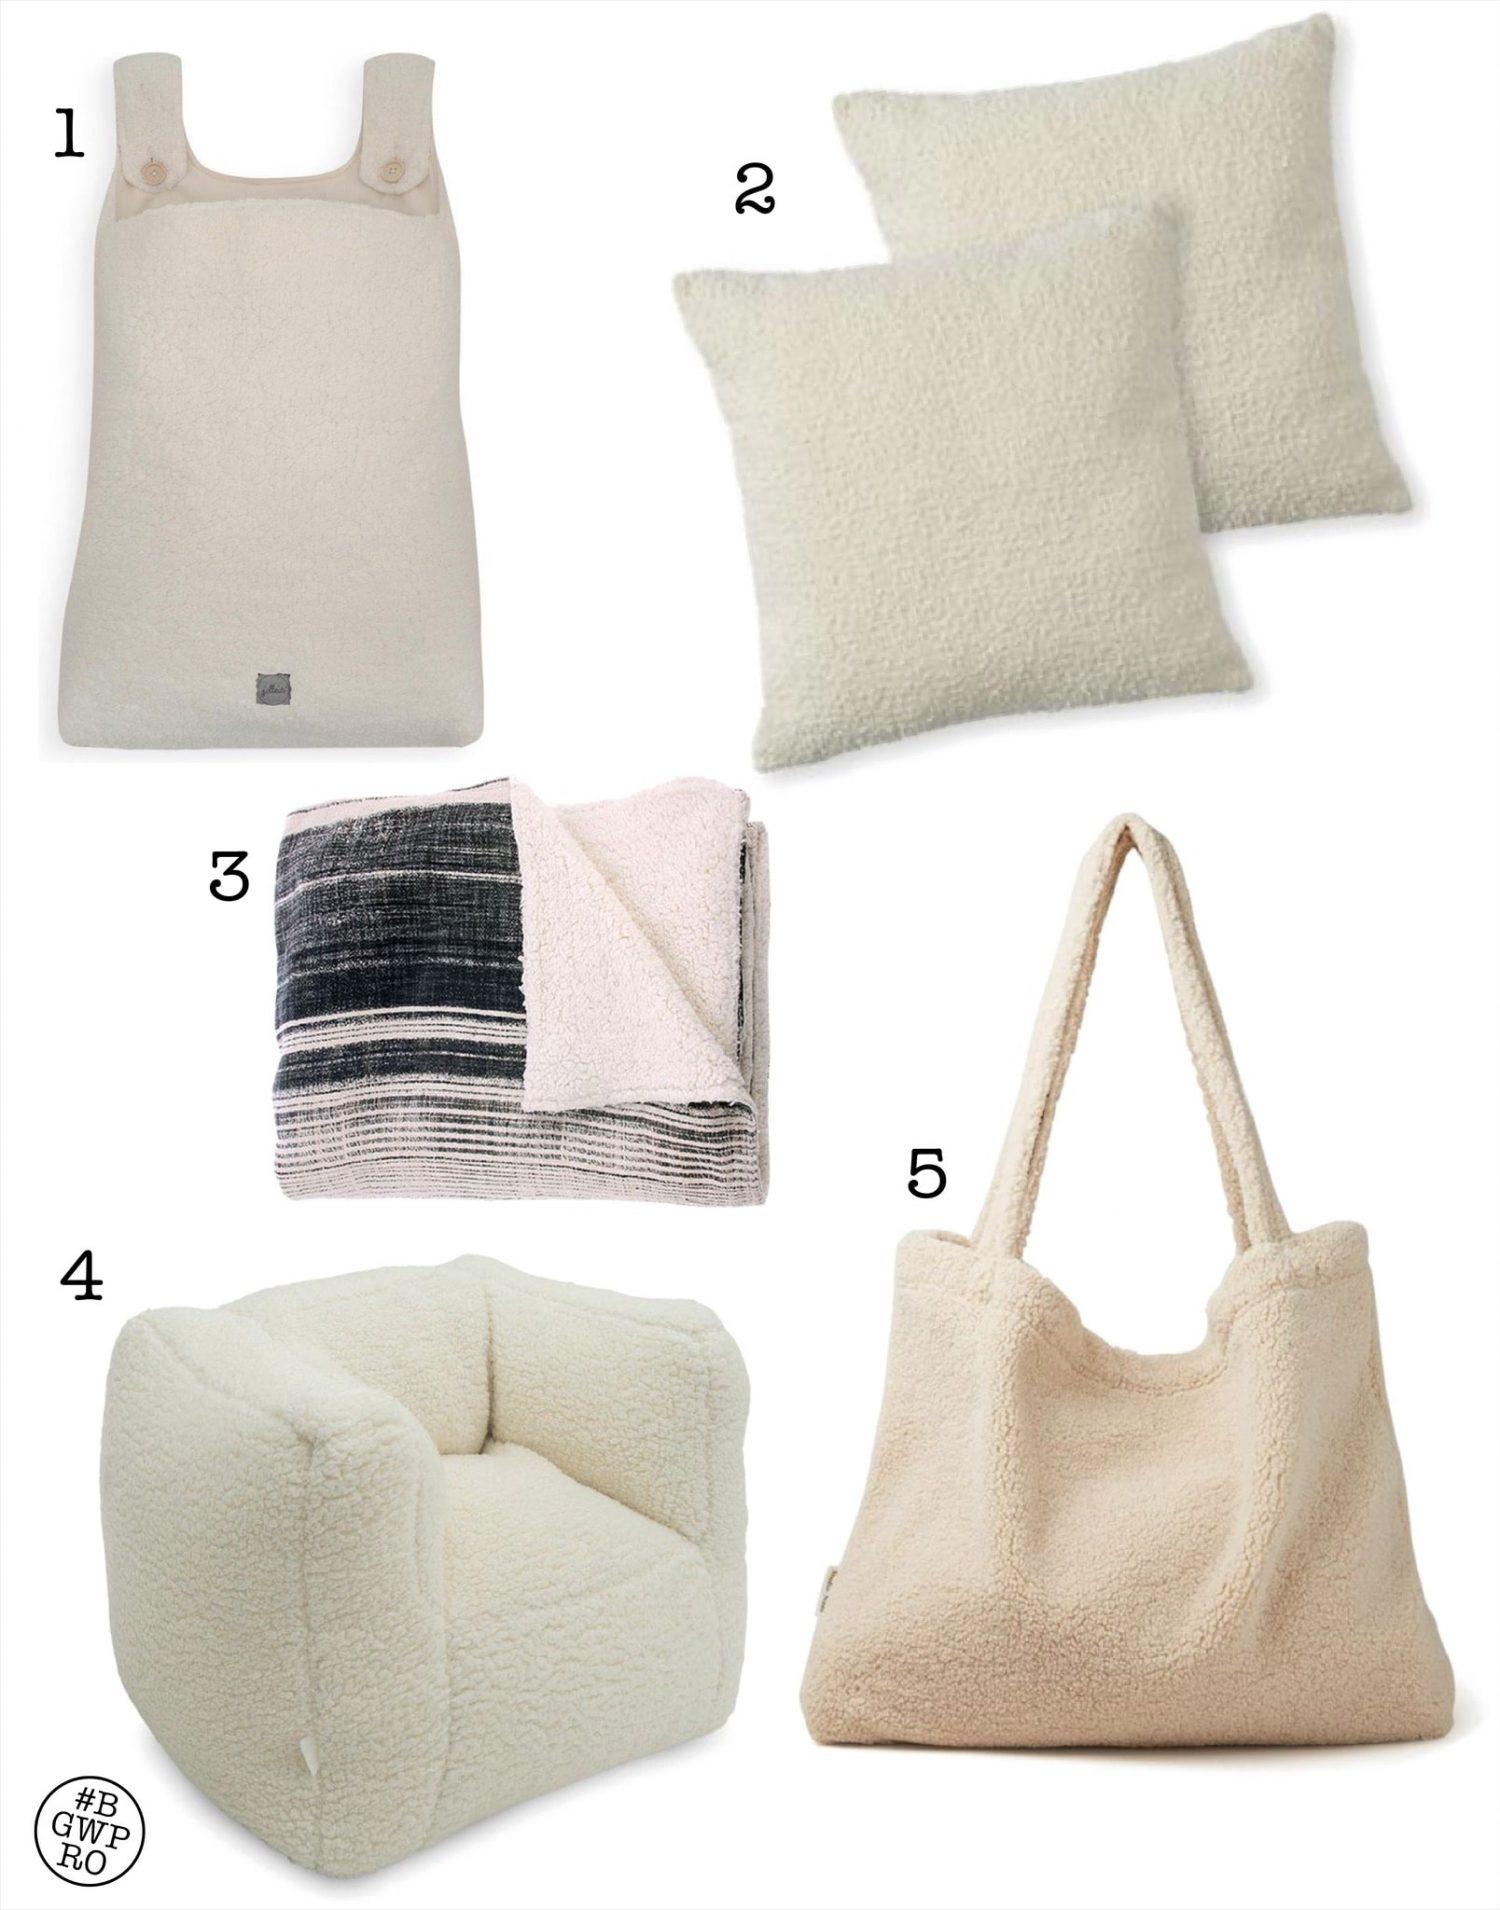 De leukste accessoires met teddy stof woontrend winter 2020/21